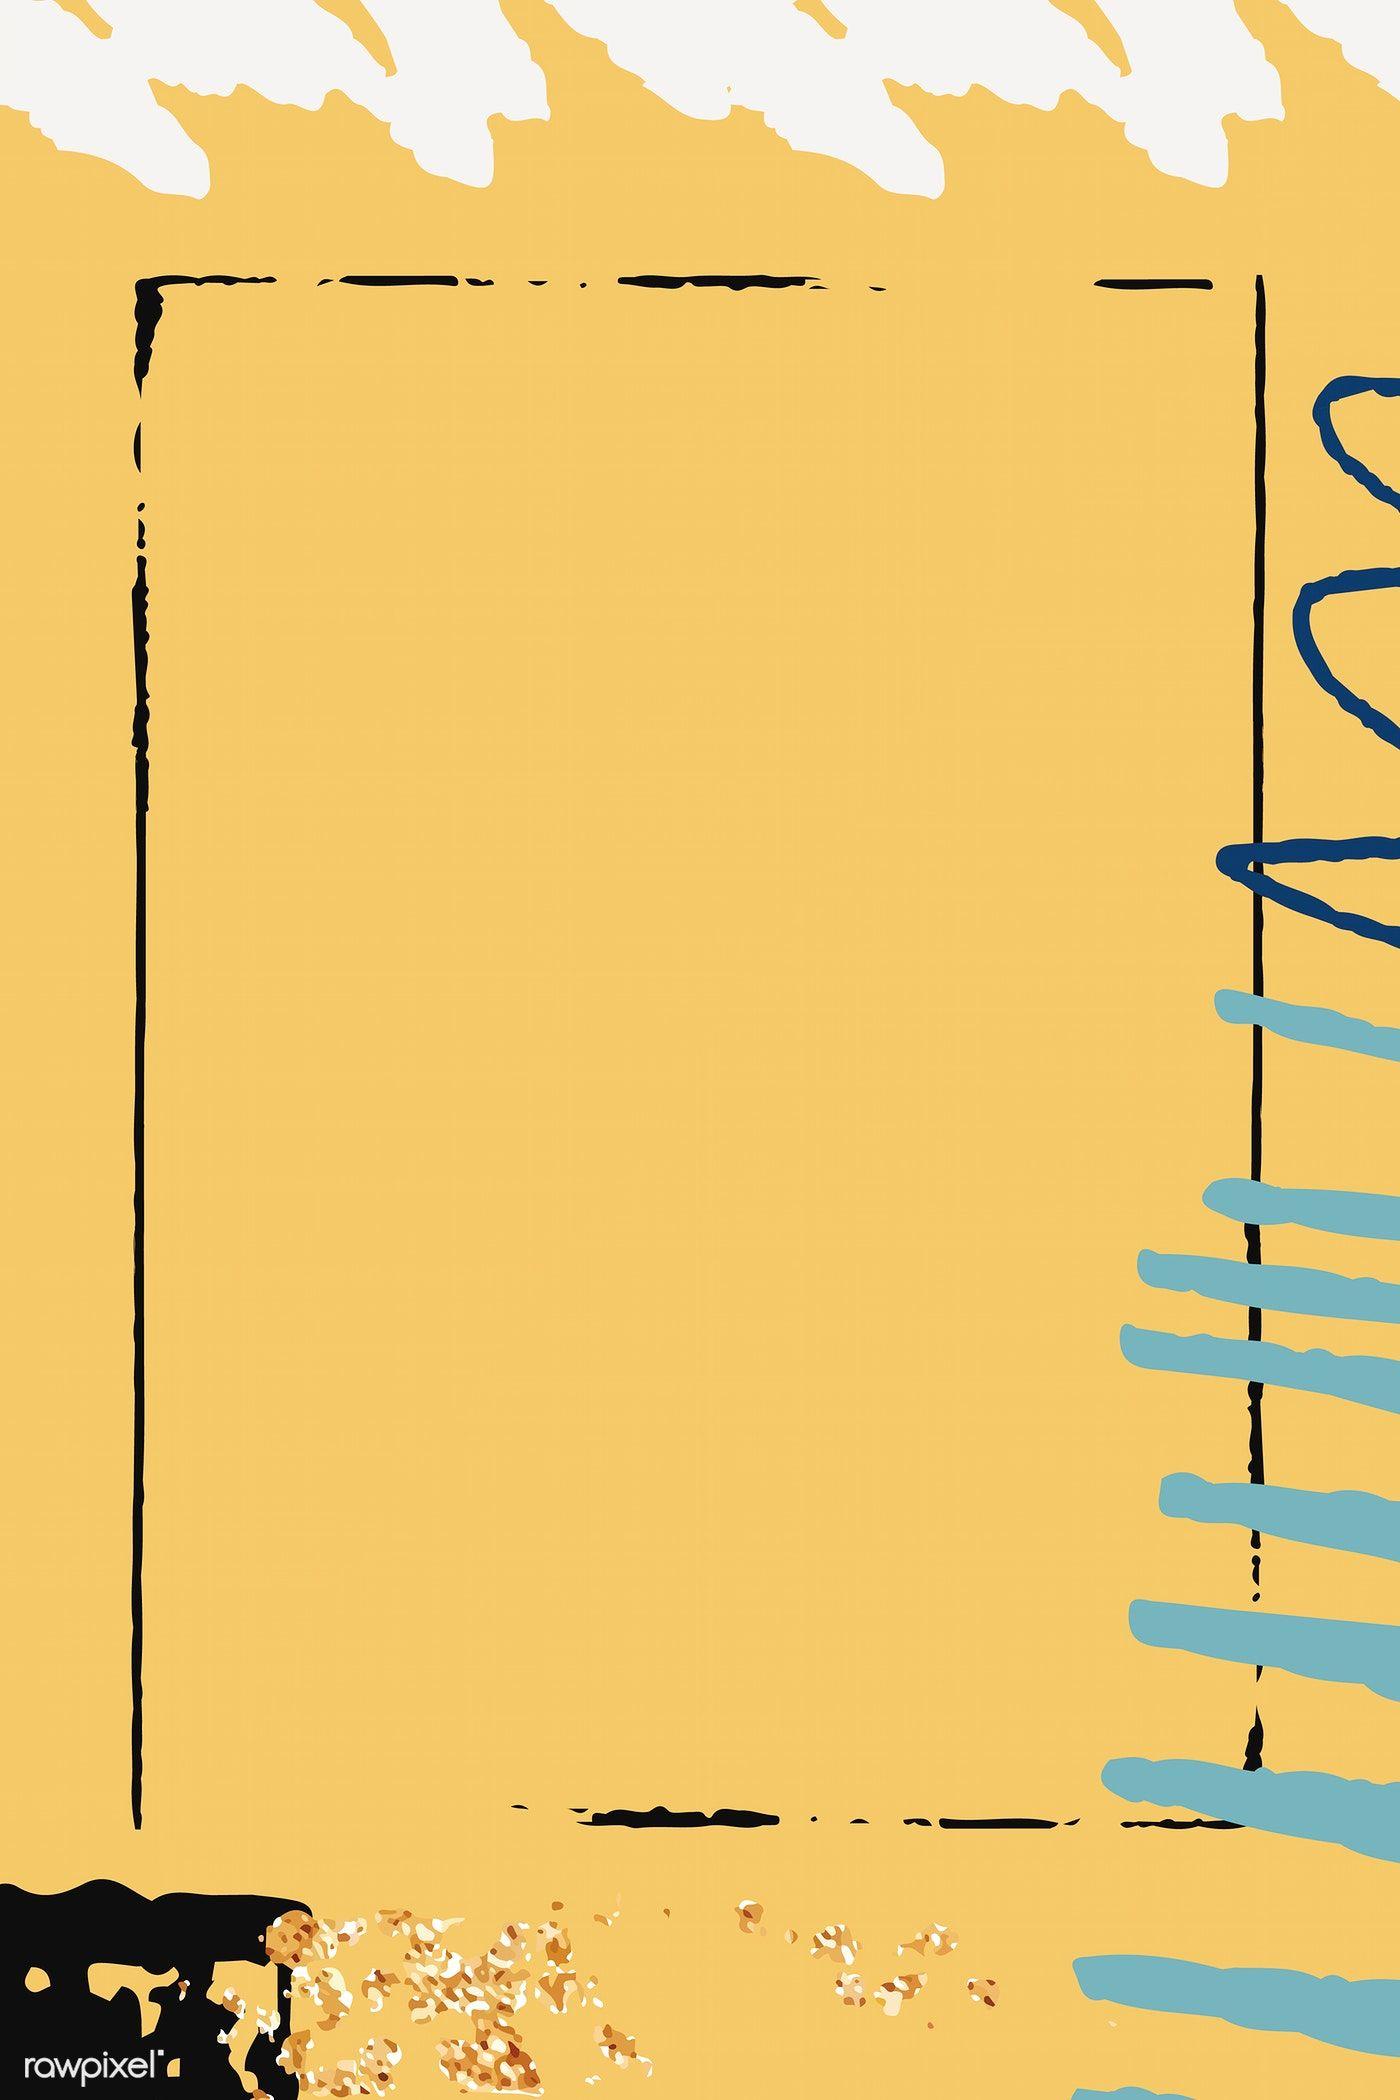 Download Premium Vector Of Yellow Scribble Patterned Background Vector Vector Background Pattern Background Patterns Powerpoint Background Design